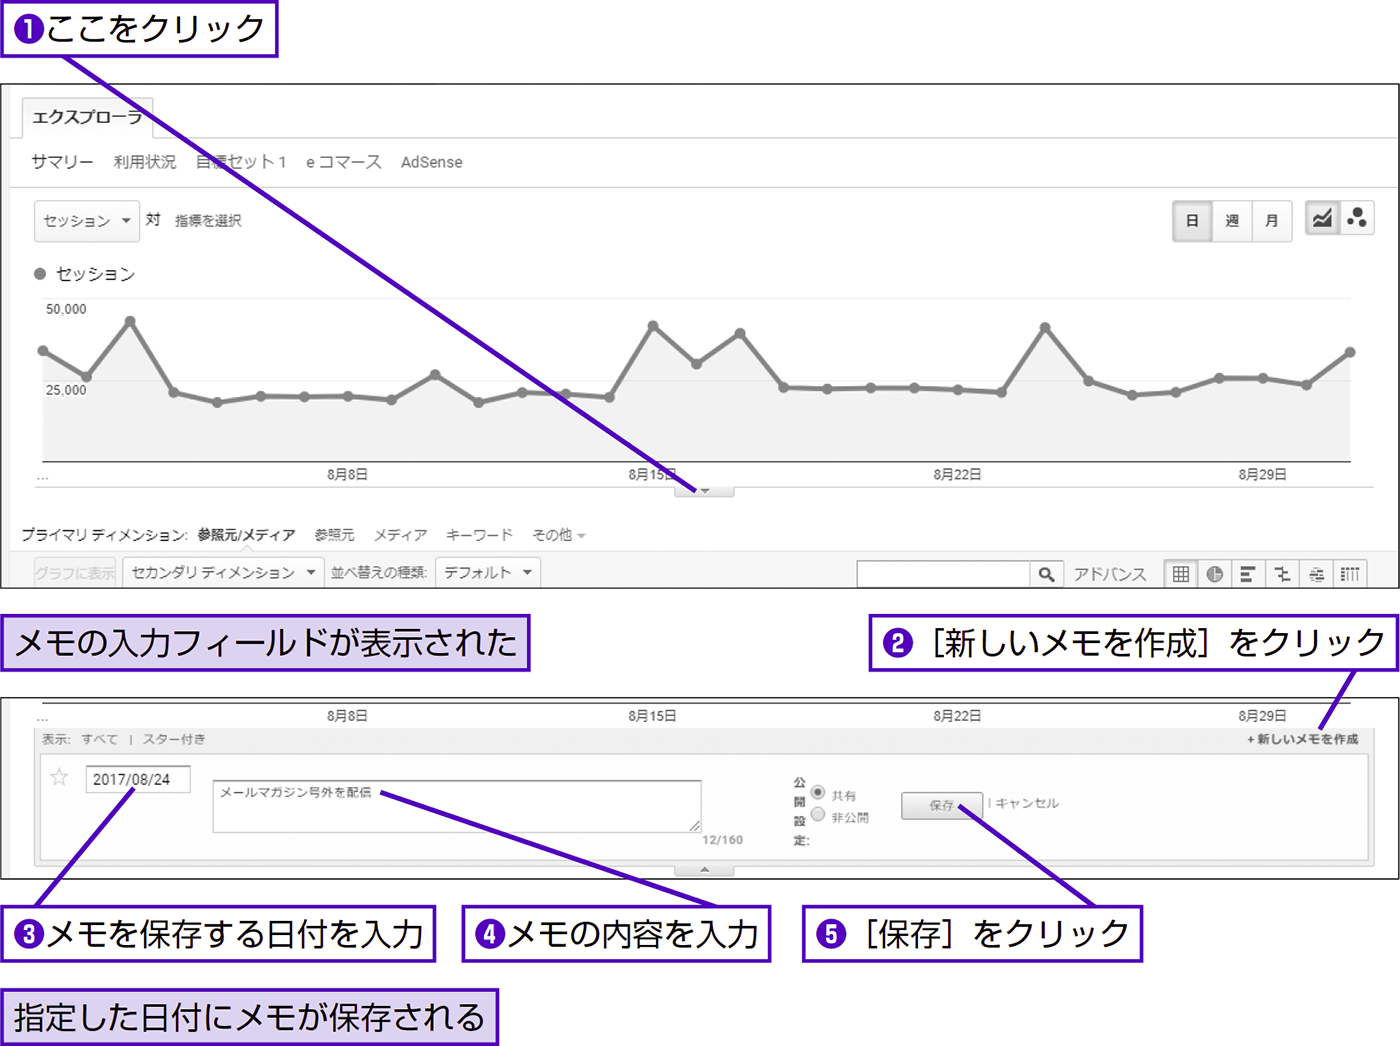 施策や出来事の履歴をGoogleアナリティクスに記録する - できる逆引き Googleアナリティクス 増補改訂2版